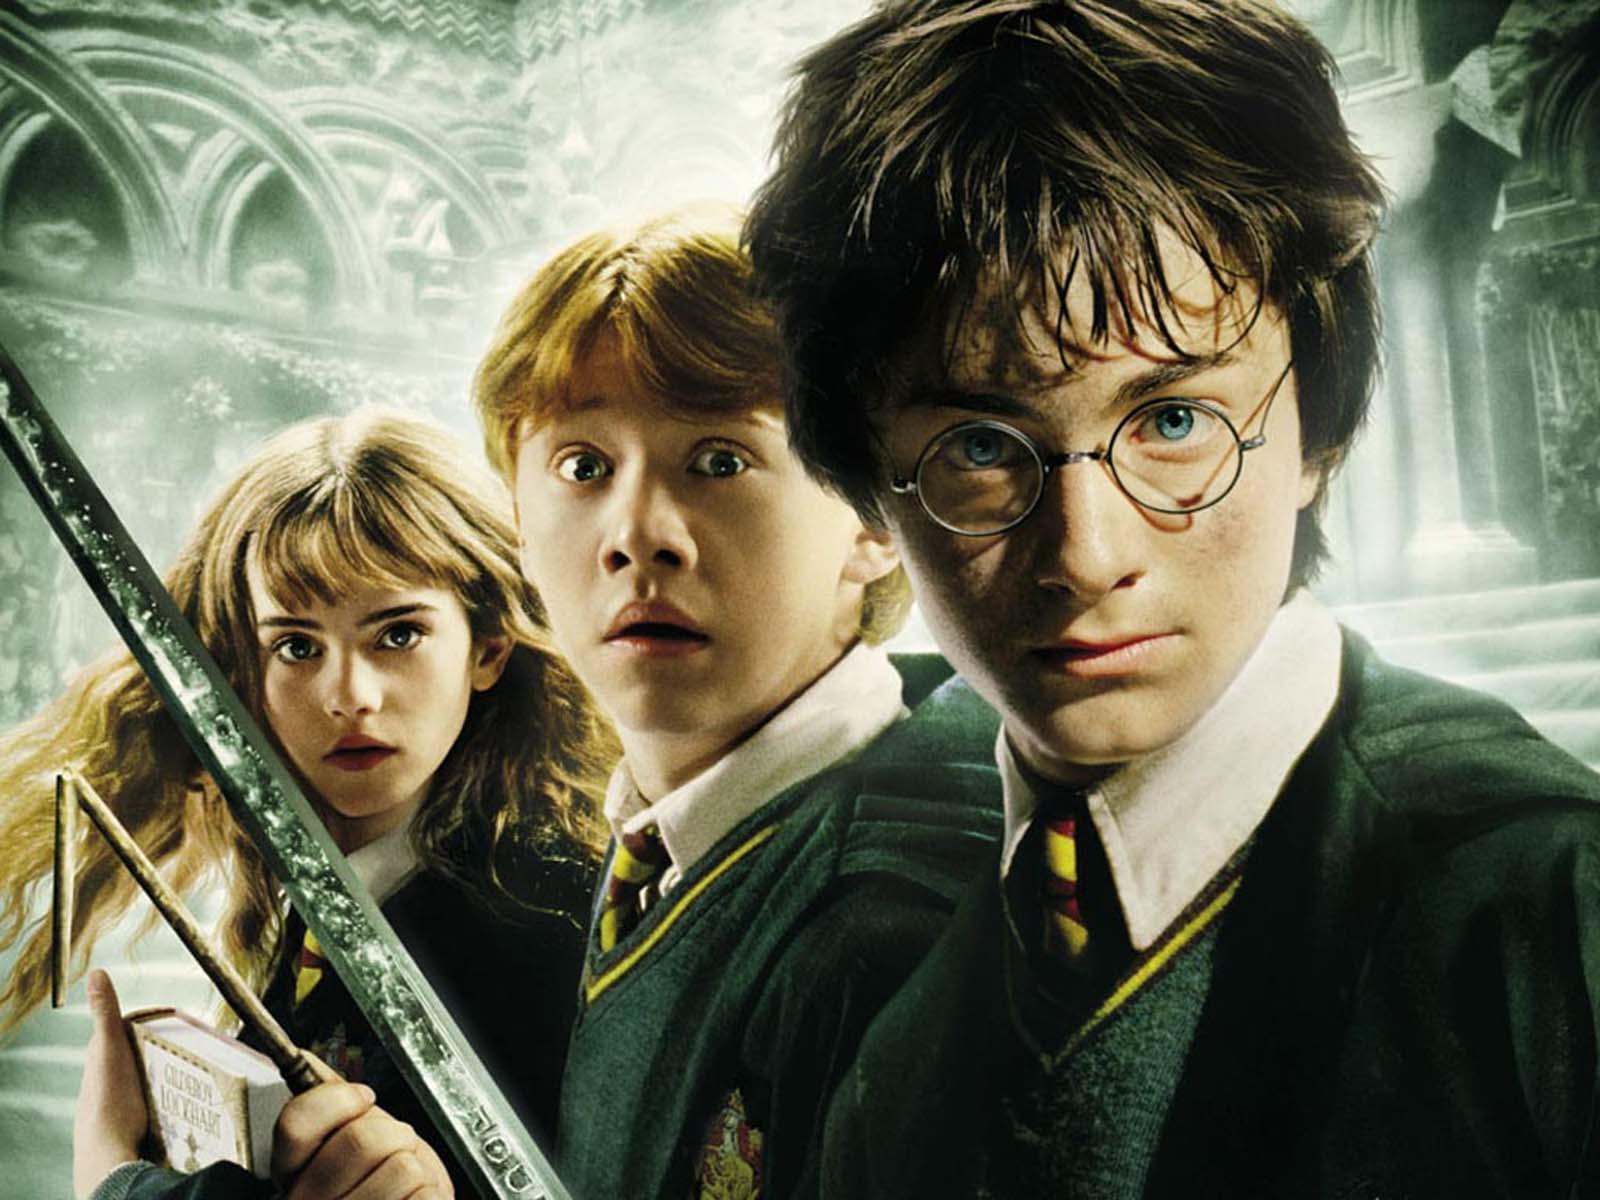 Гарри Поттер Последняя Часть Смотреть Онлайн